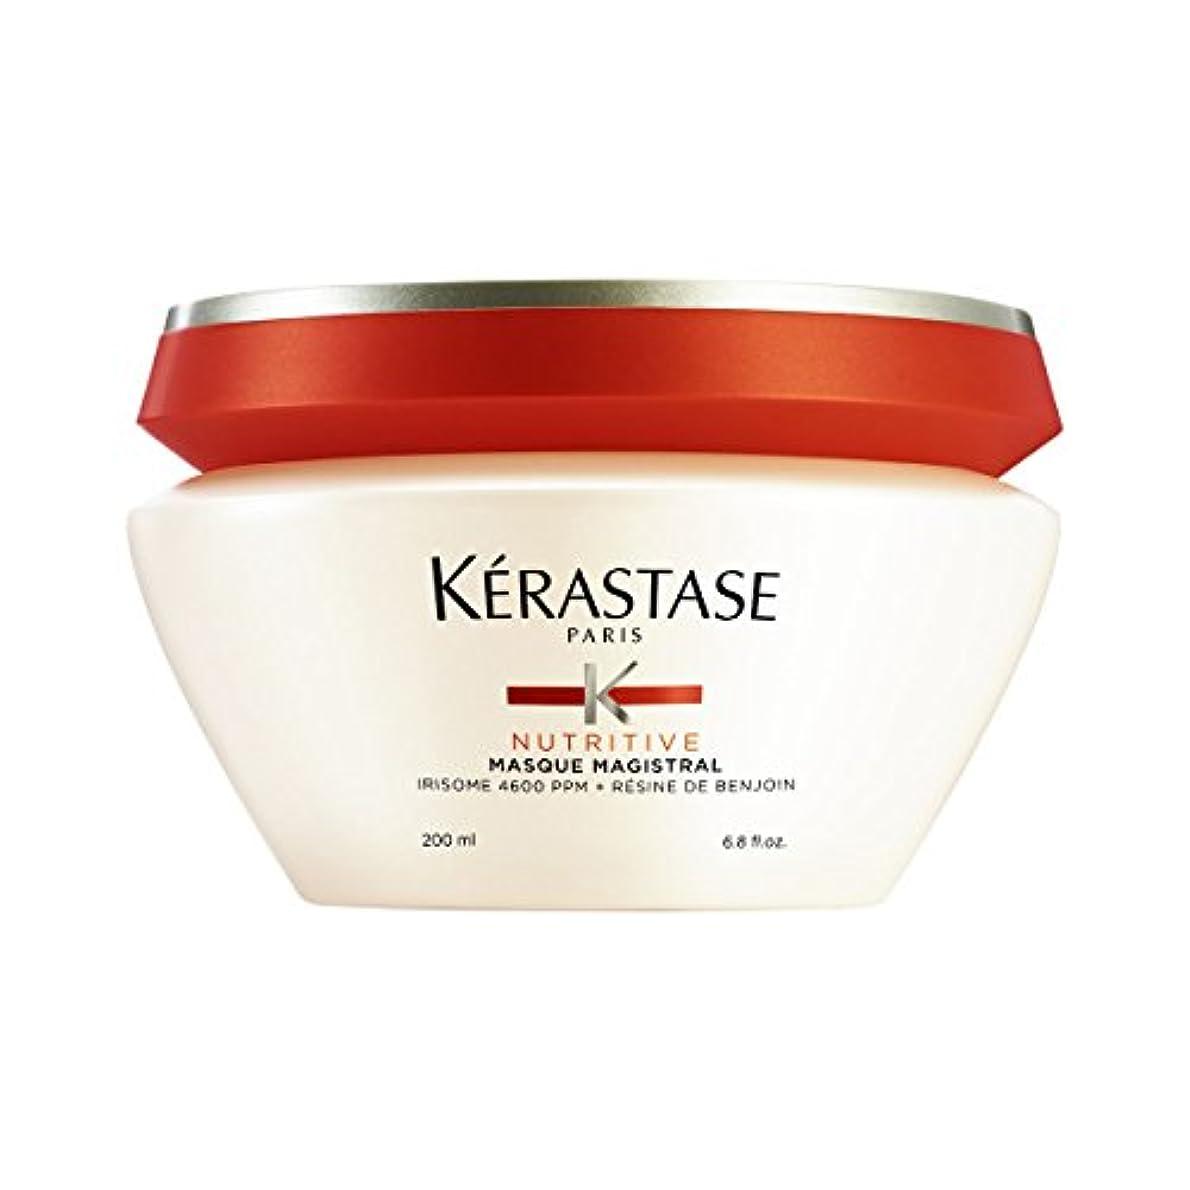 ホラーつかむ下向きK駻astase Nutritive Masque Magistral Hair Mask 200ml [並行輸入品]